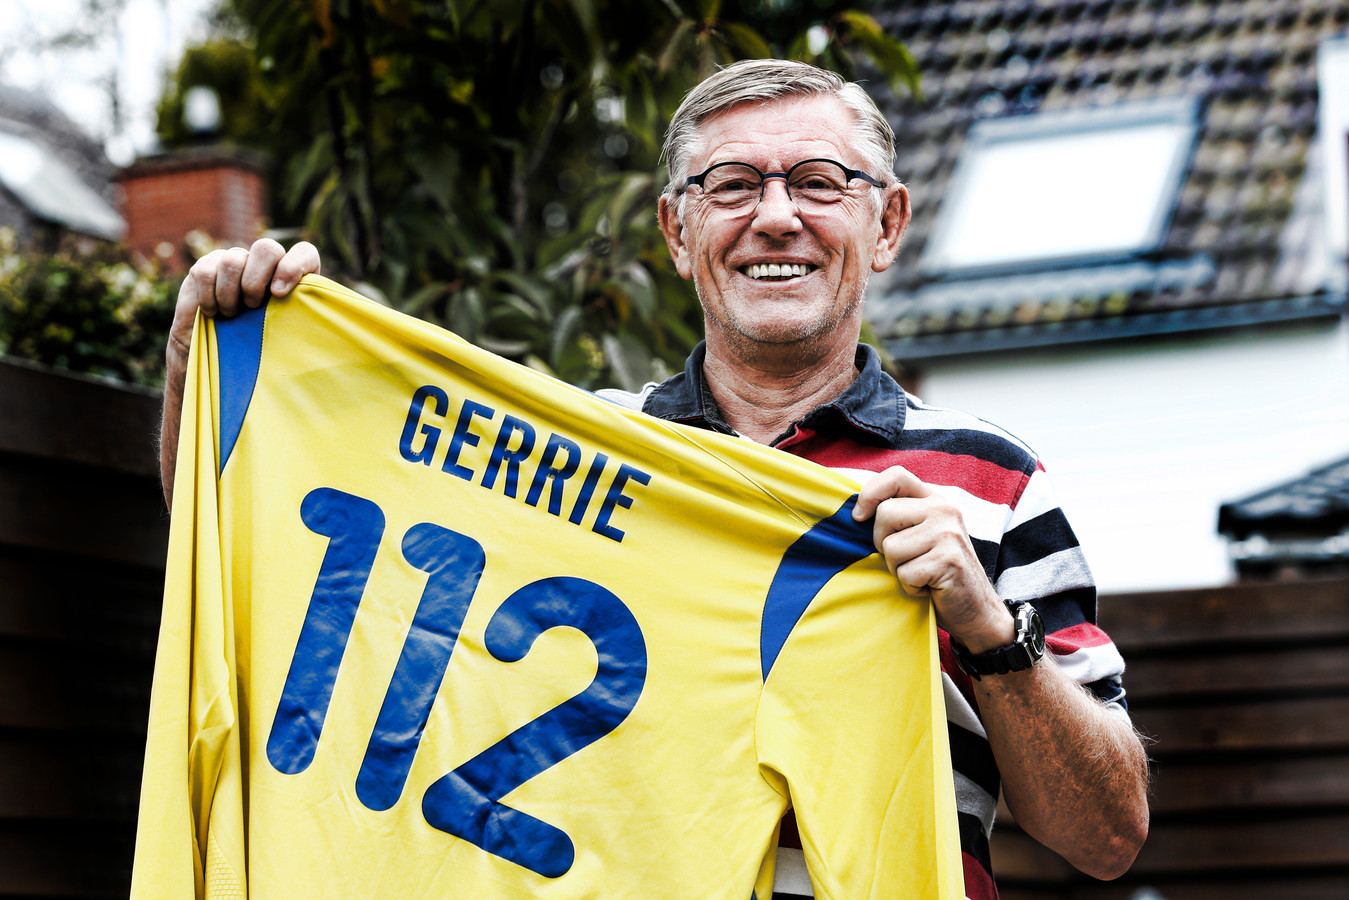 """Gerrie van der Linden met het shirt dat hij vijf jaar geleden kreeg. ,,Soms vraagt iemand uitdagend: Je rugnummer, is dat jouw leeftijd?"""""""